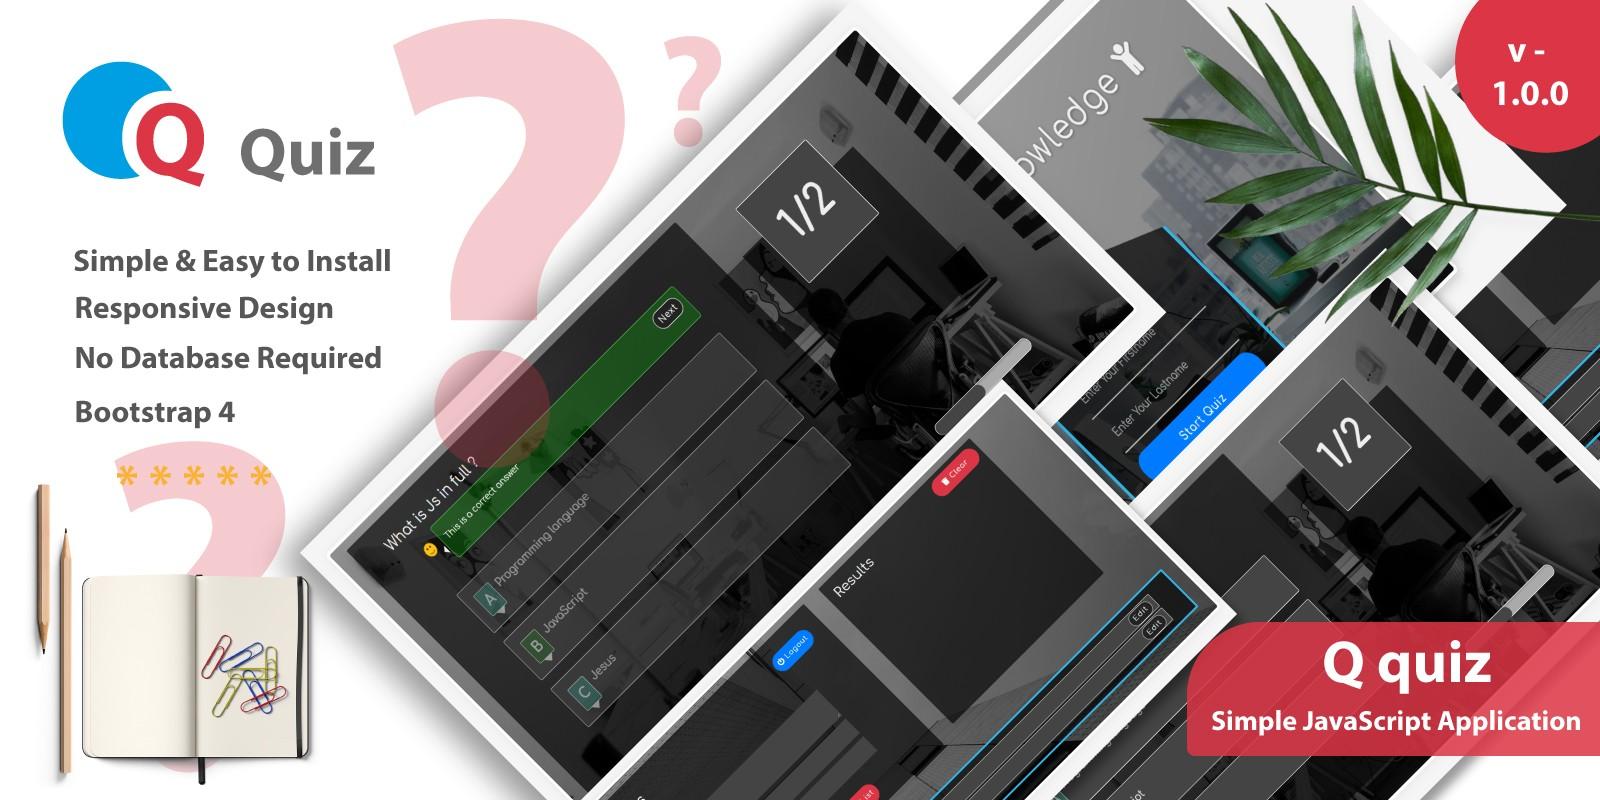 Q quiz - Simple JavaScript Quiz Application